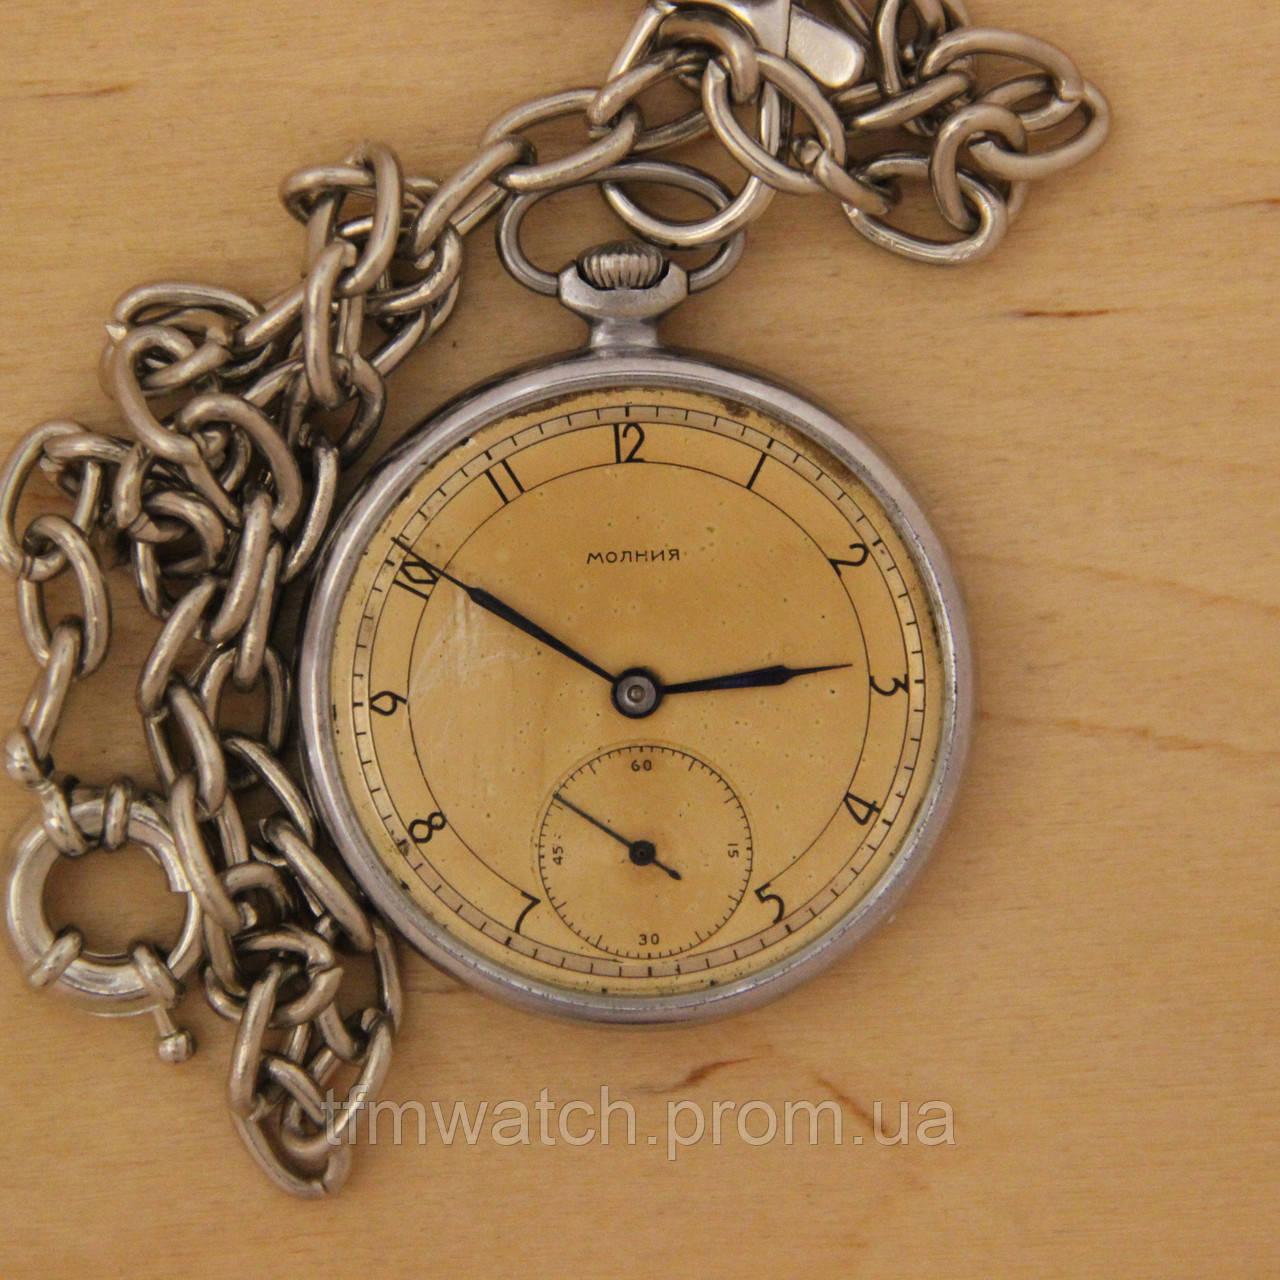 Молния продать часы часы ссср киев продам